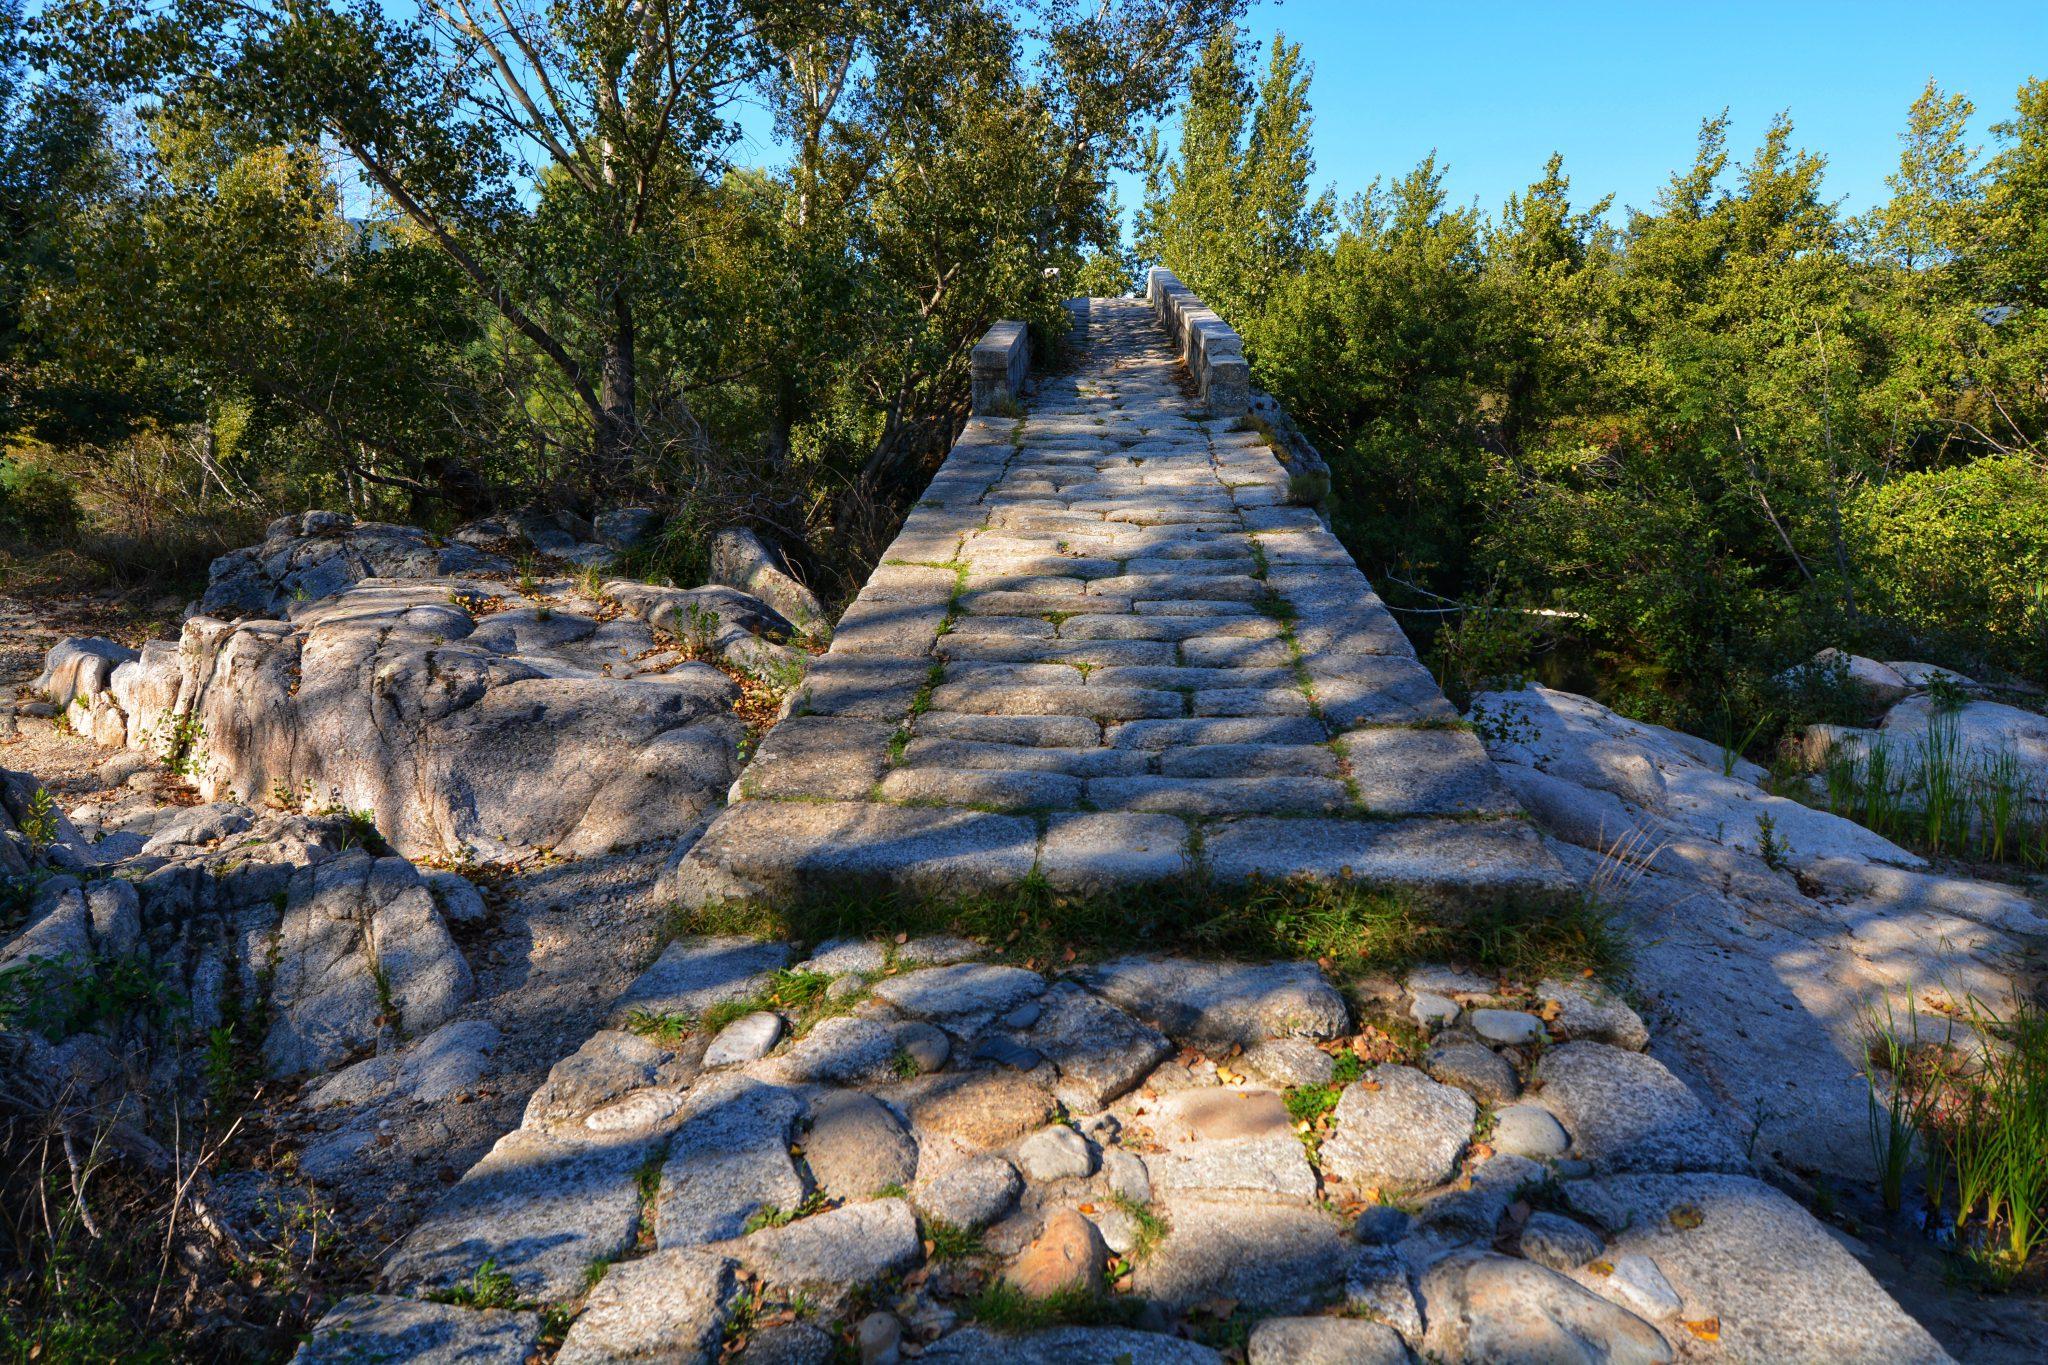 pont génois Spina Cavaddu Sartène. Histoire corse